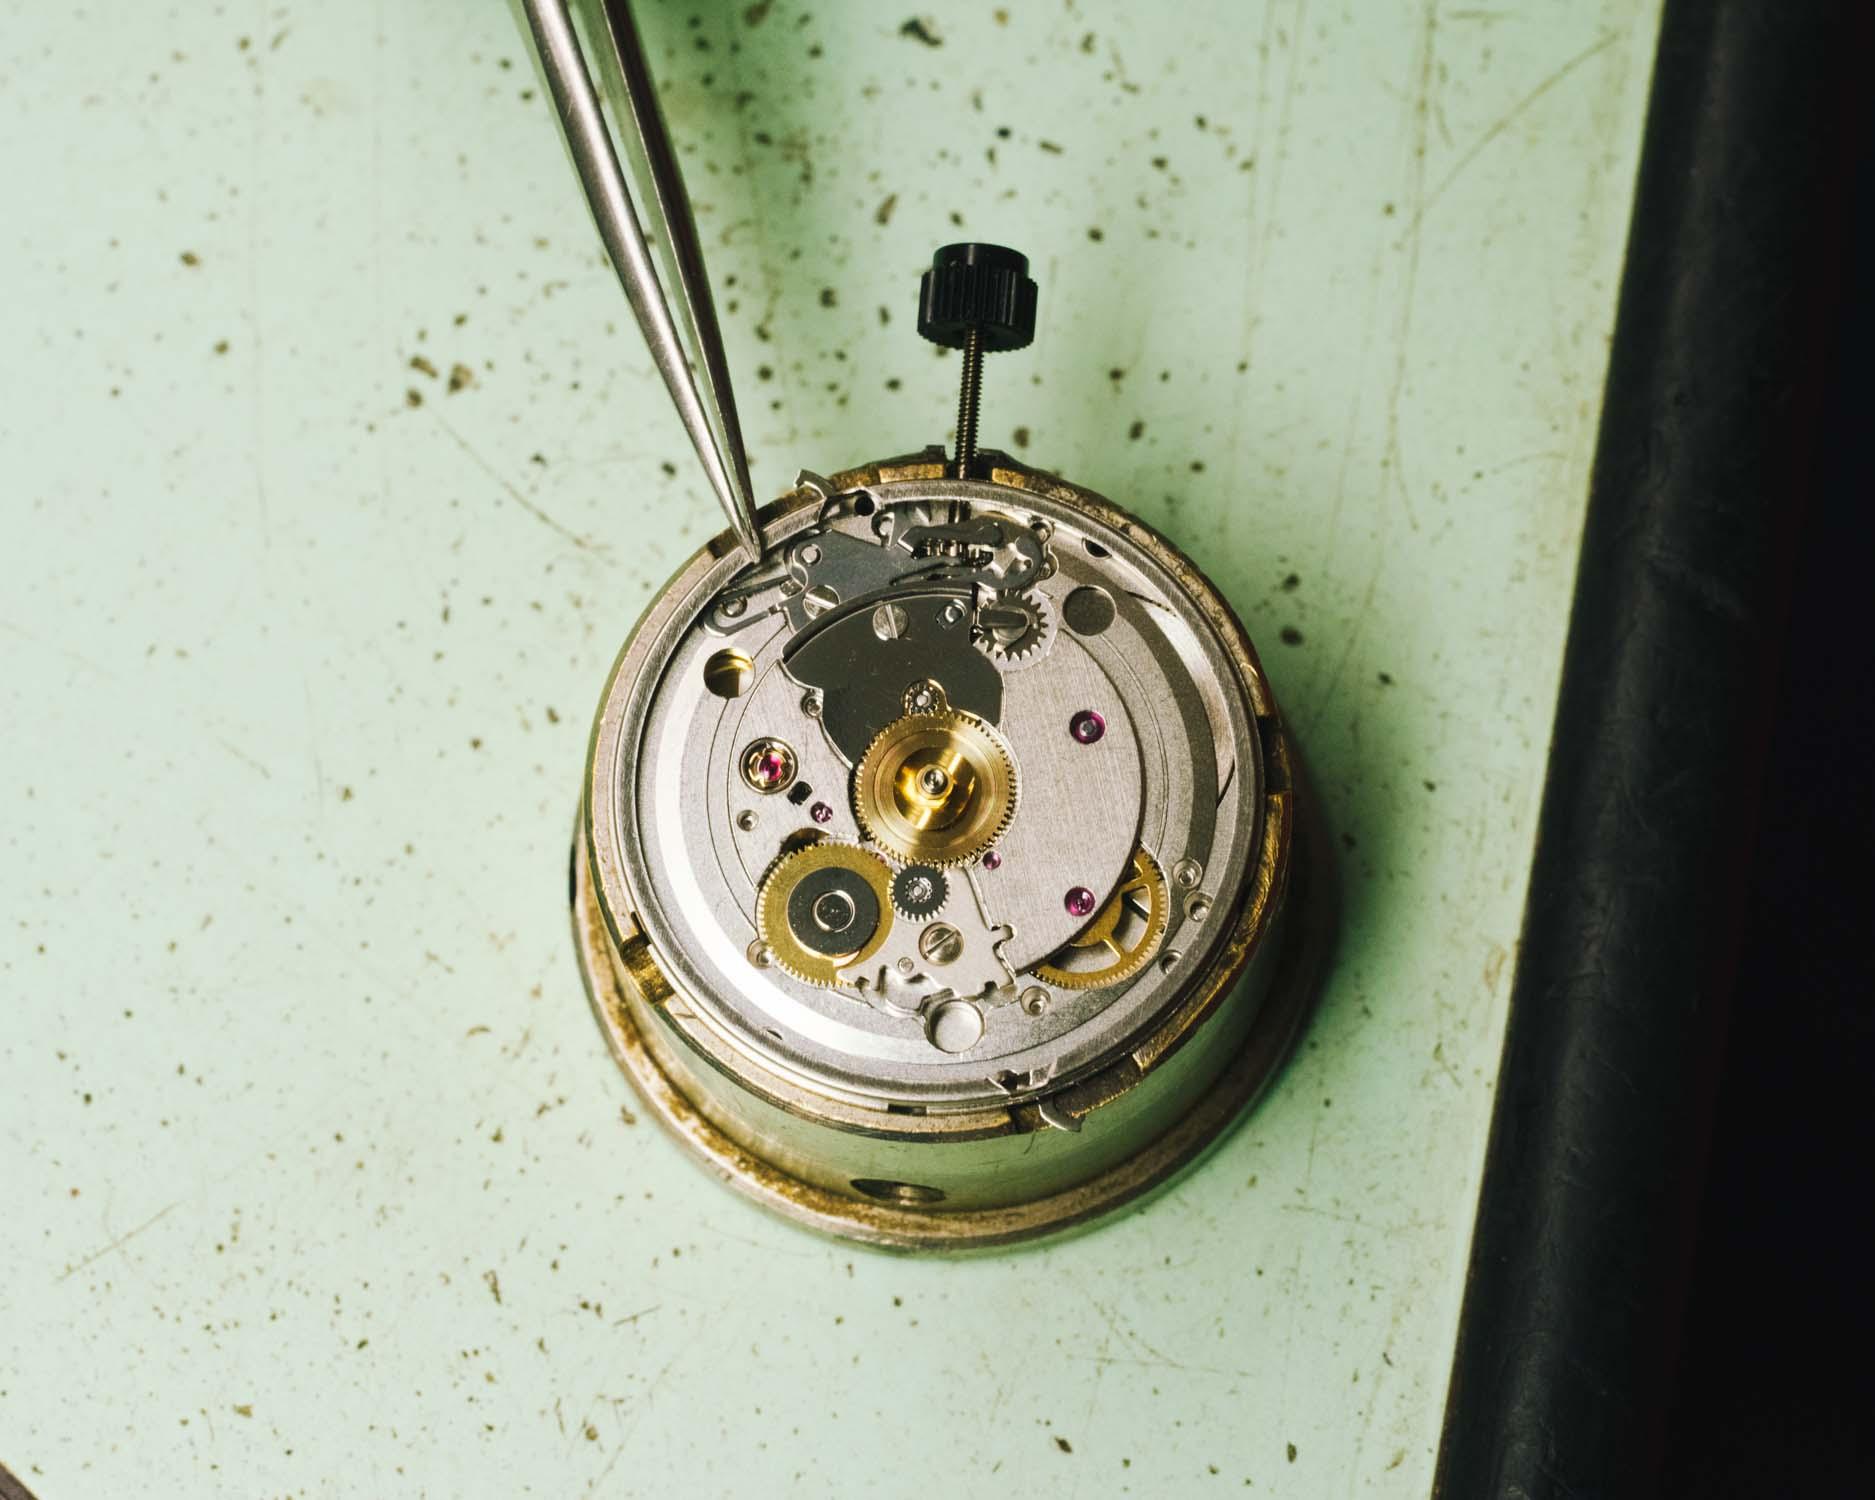 UNOTRE Mechanical watch